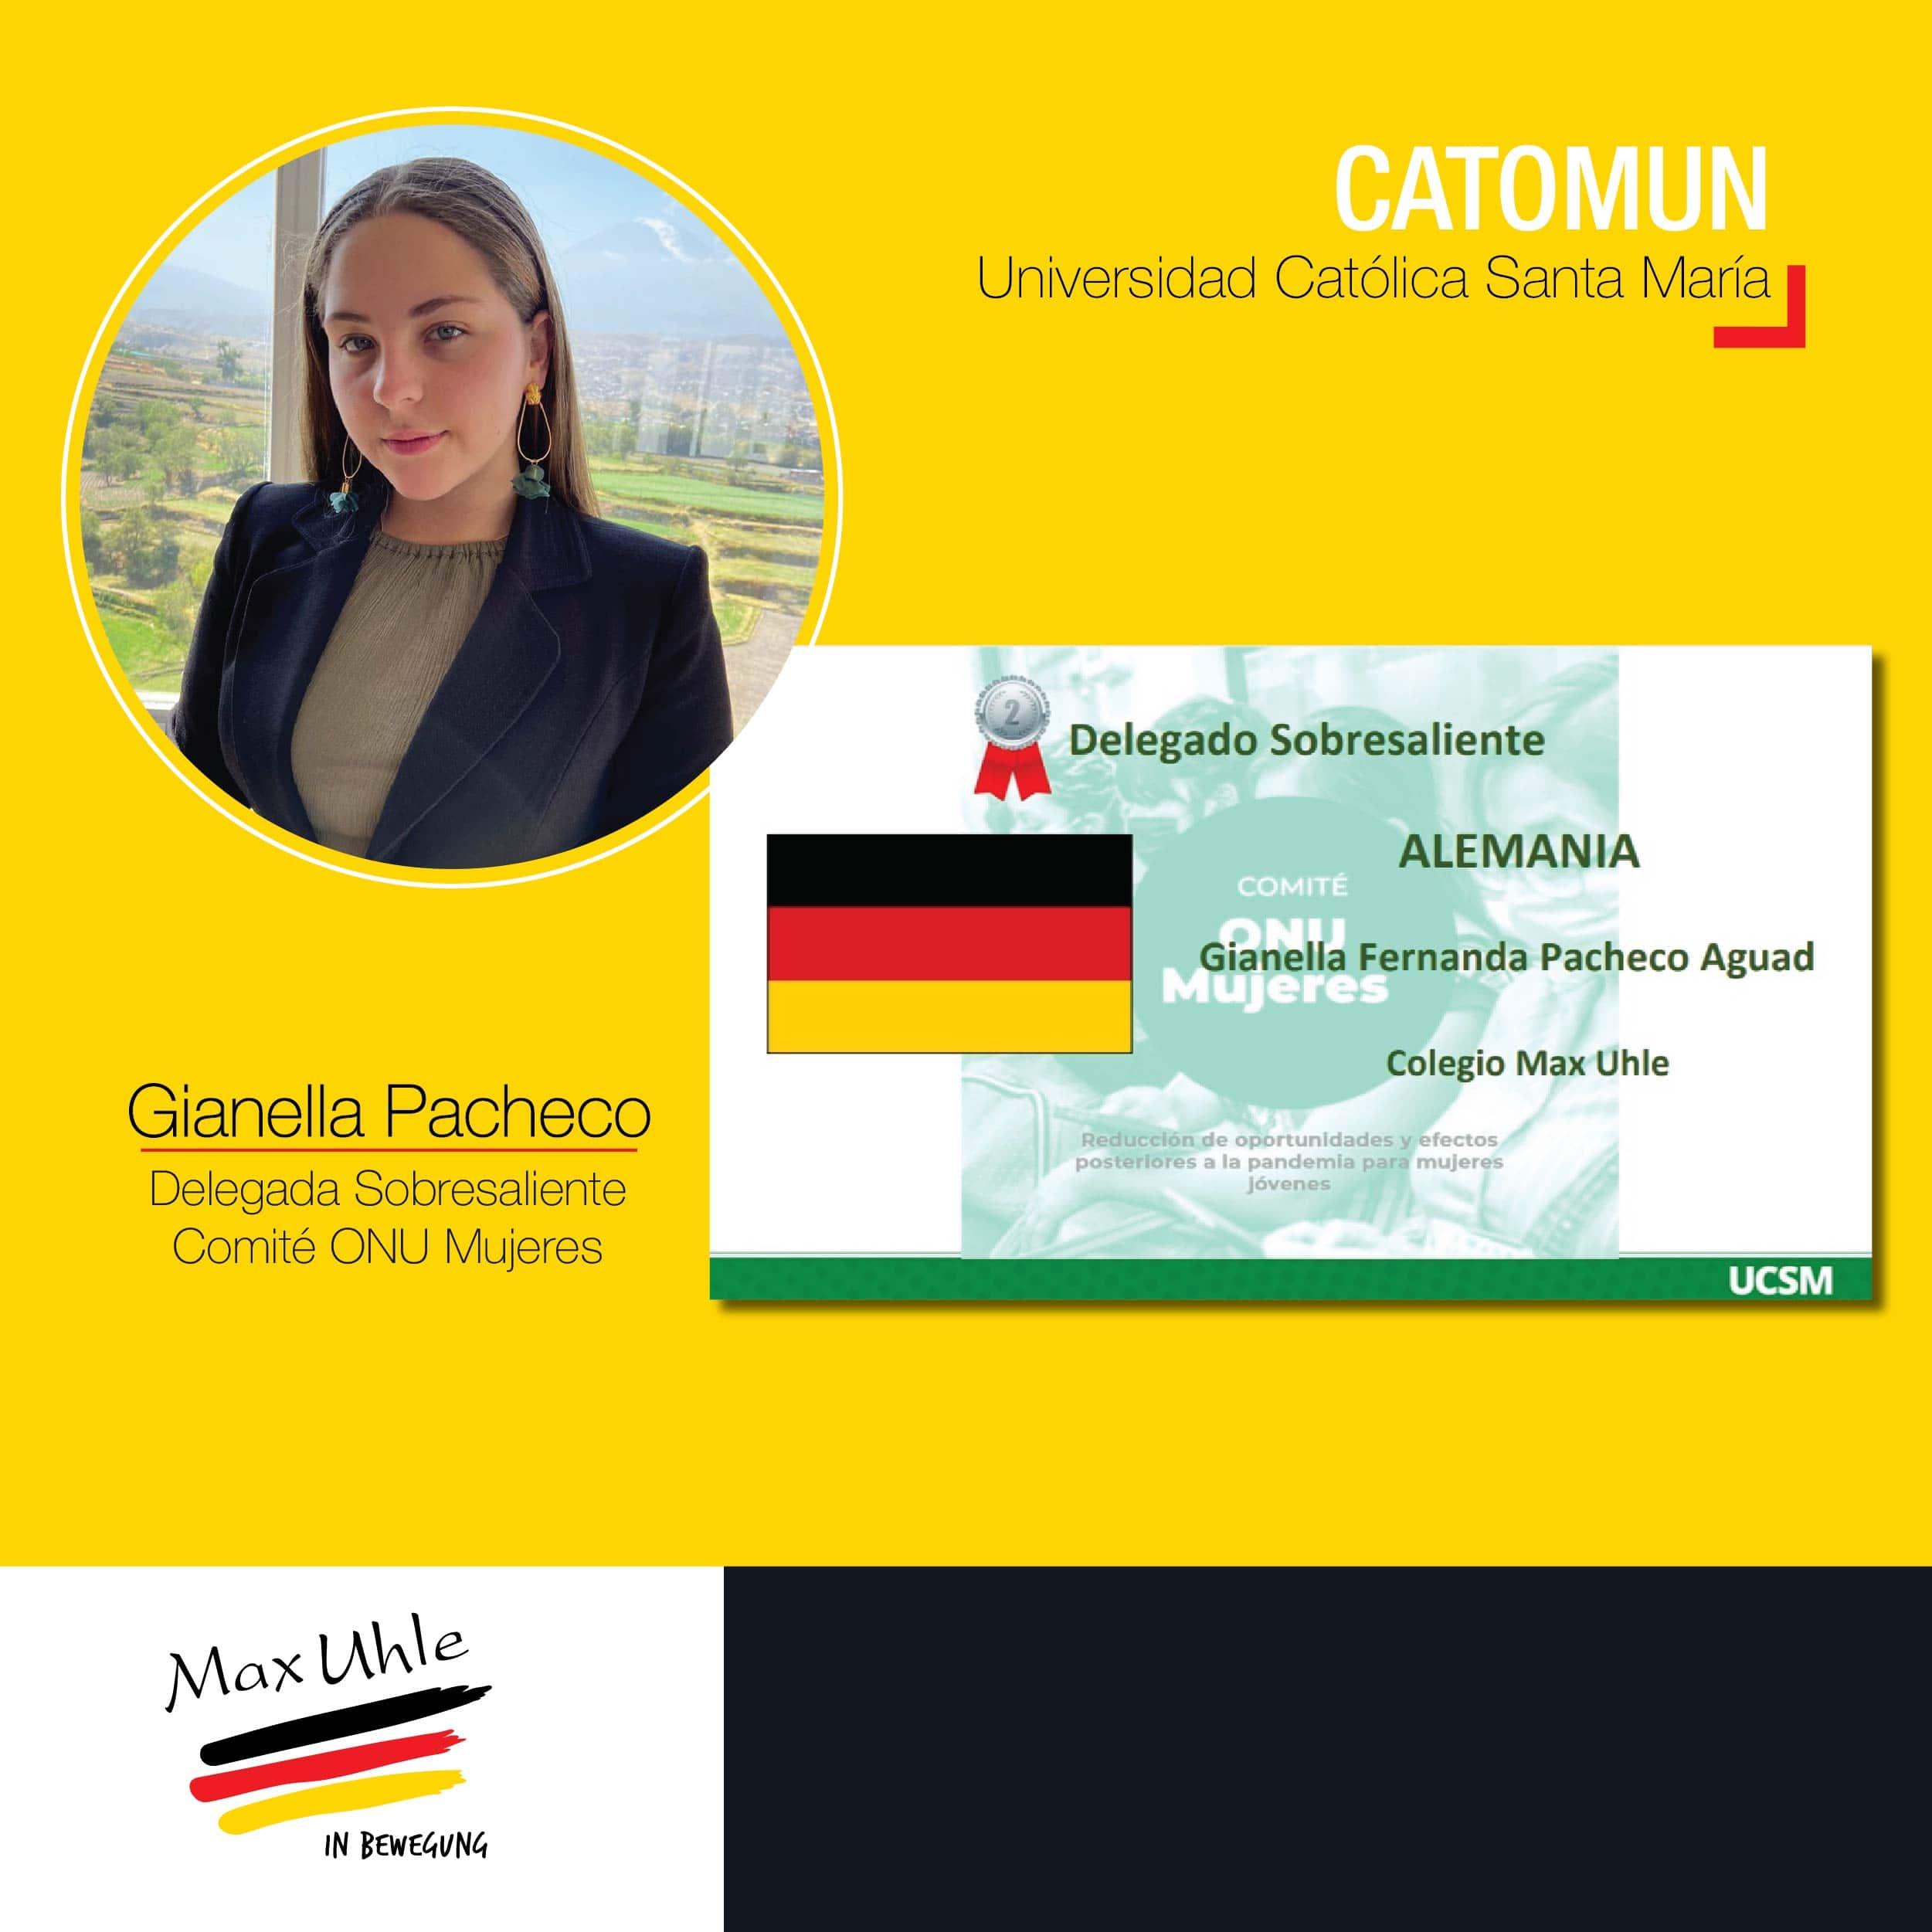 Gianella Pacheco CATOMUN